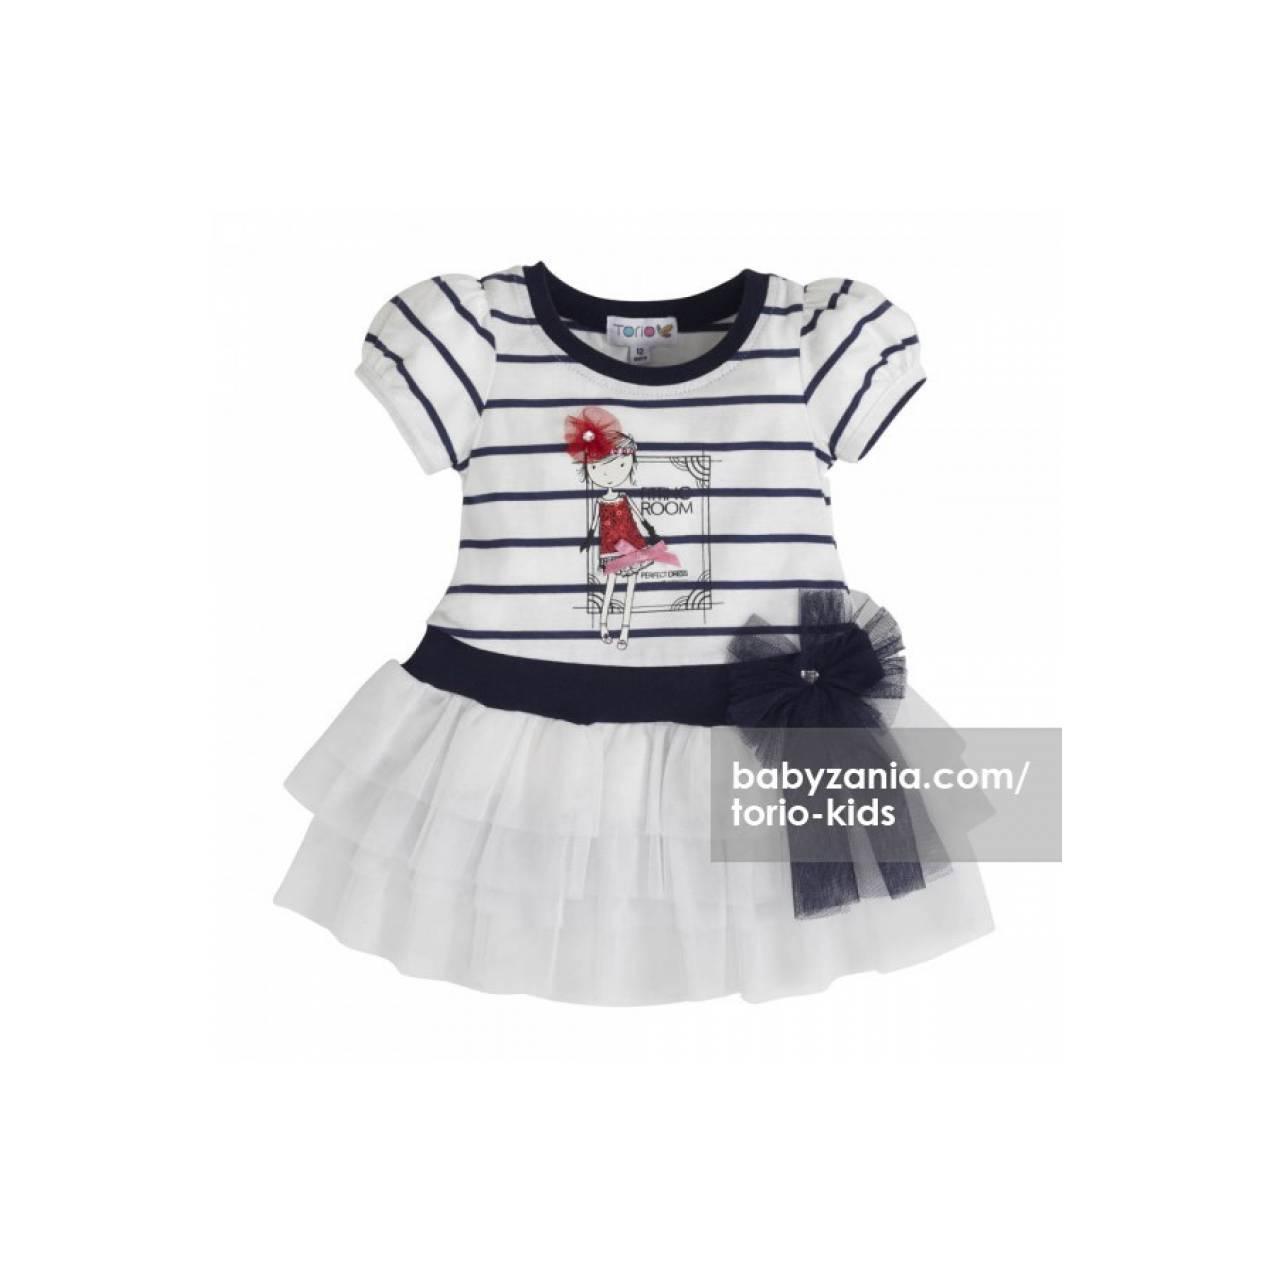 Torio La Promenade Ruffle Dress T2909